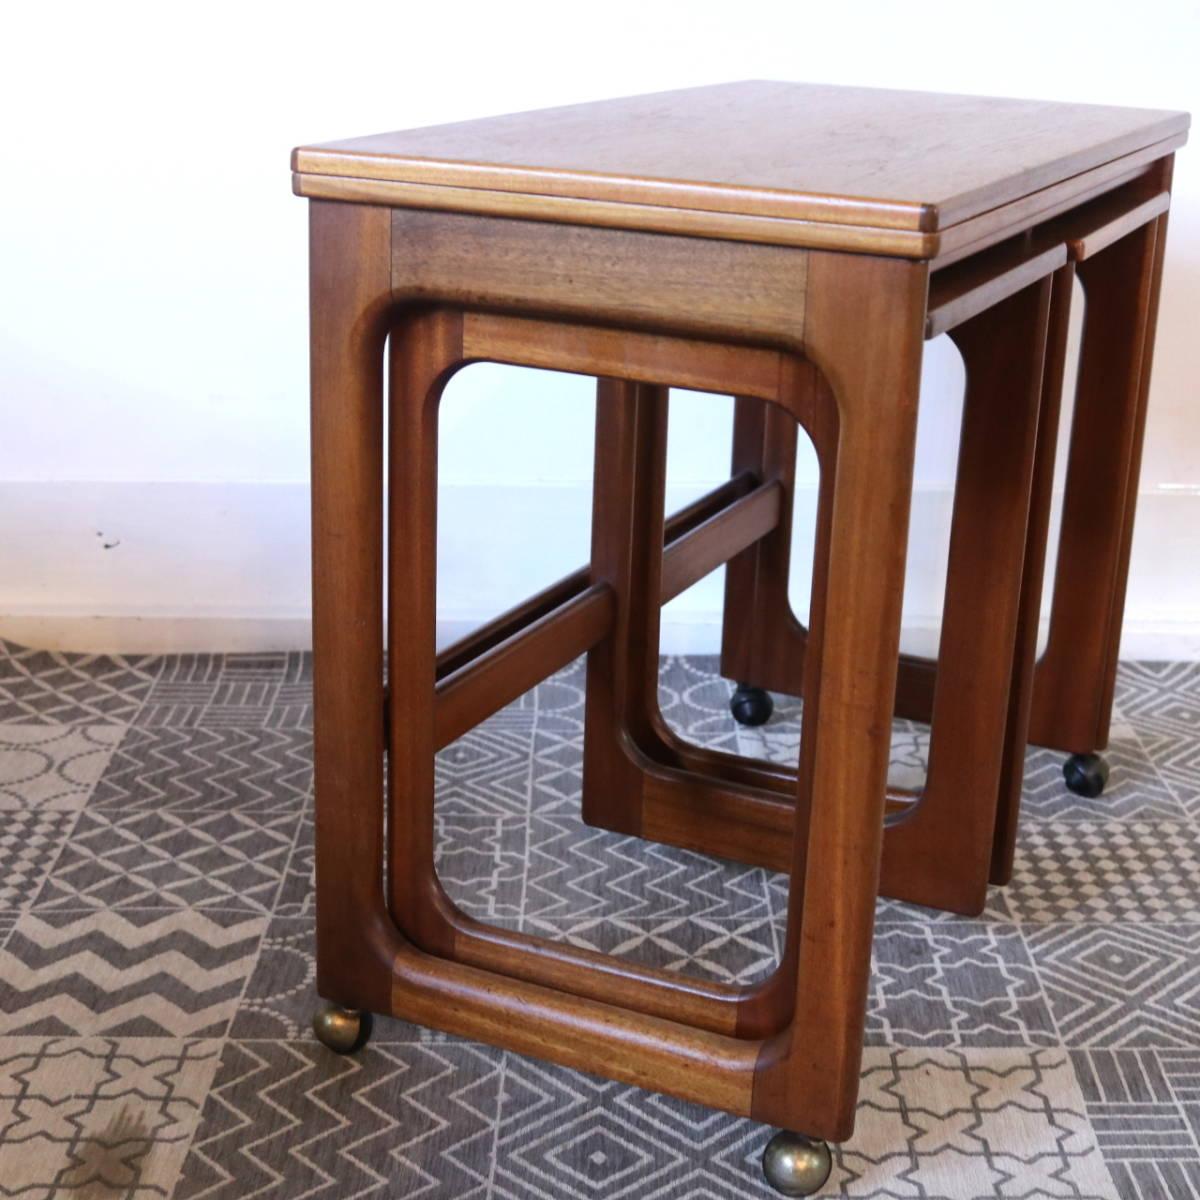 【天板剥離・再塗装メンテ済】イギリス McINTOSH社製 ビンテージ ネストテーブル/ERCOL G-PLAN アンティーク コーヒーテーブル 北欧_画像3